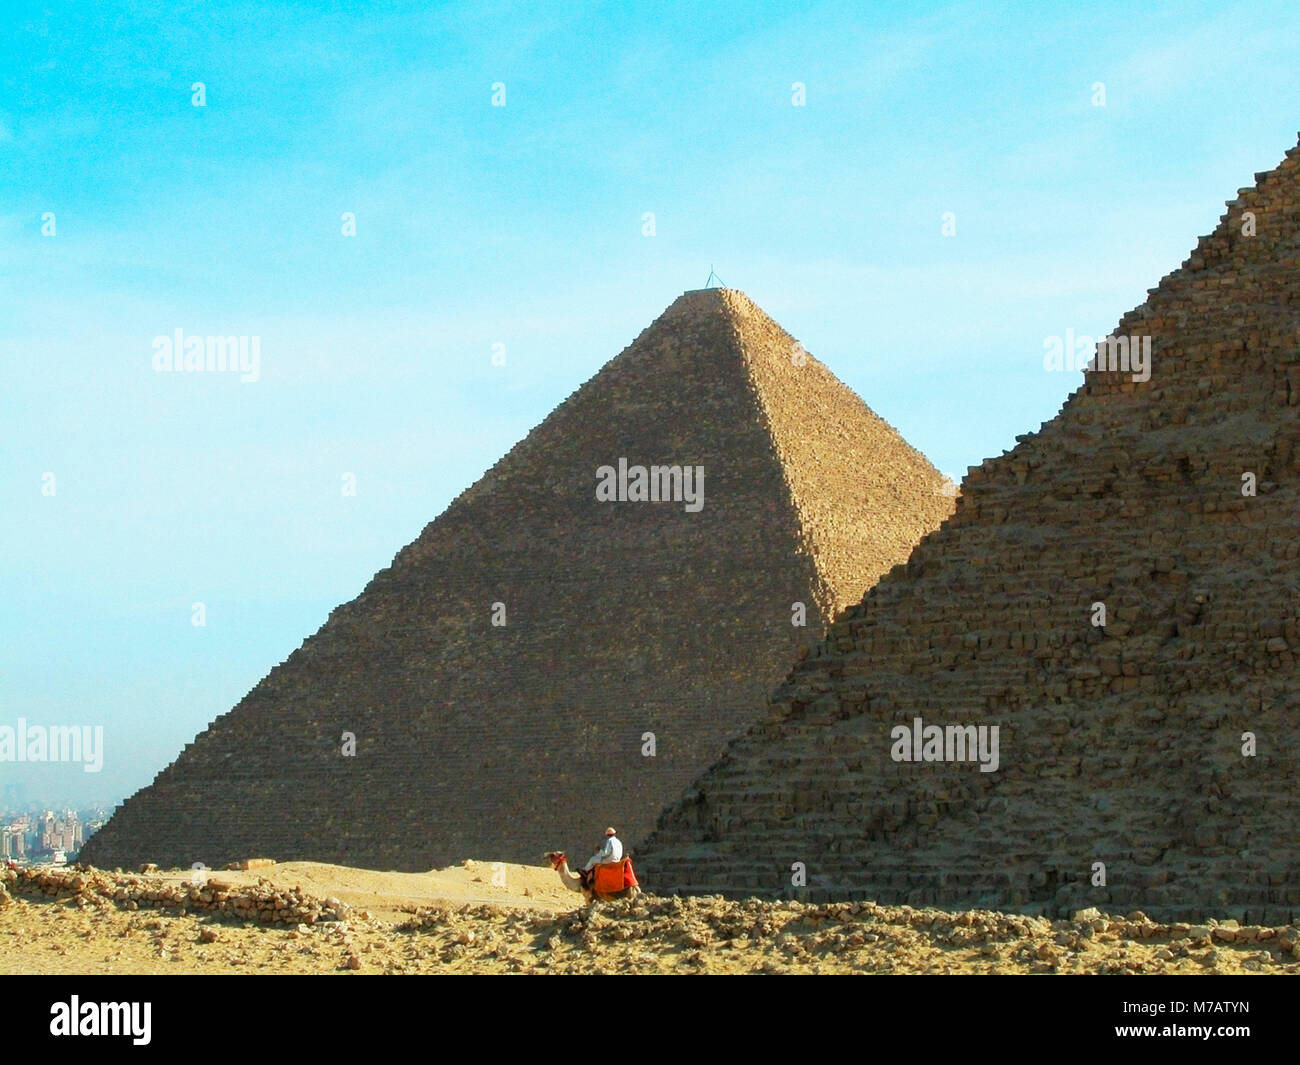 Hombre en un camello en frente de las pirámides de Giza, las pirámides de Giza, en El Cairo, Egipto Imagen De Stock